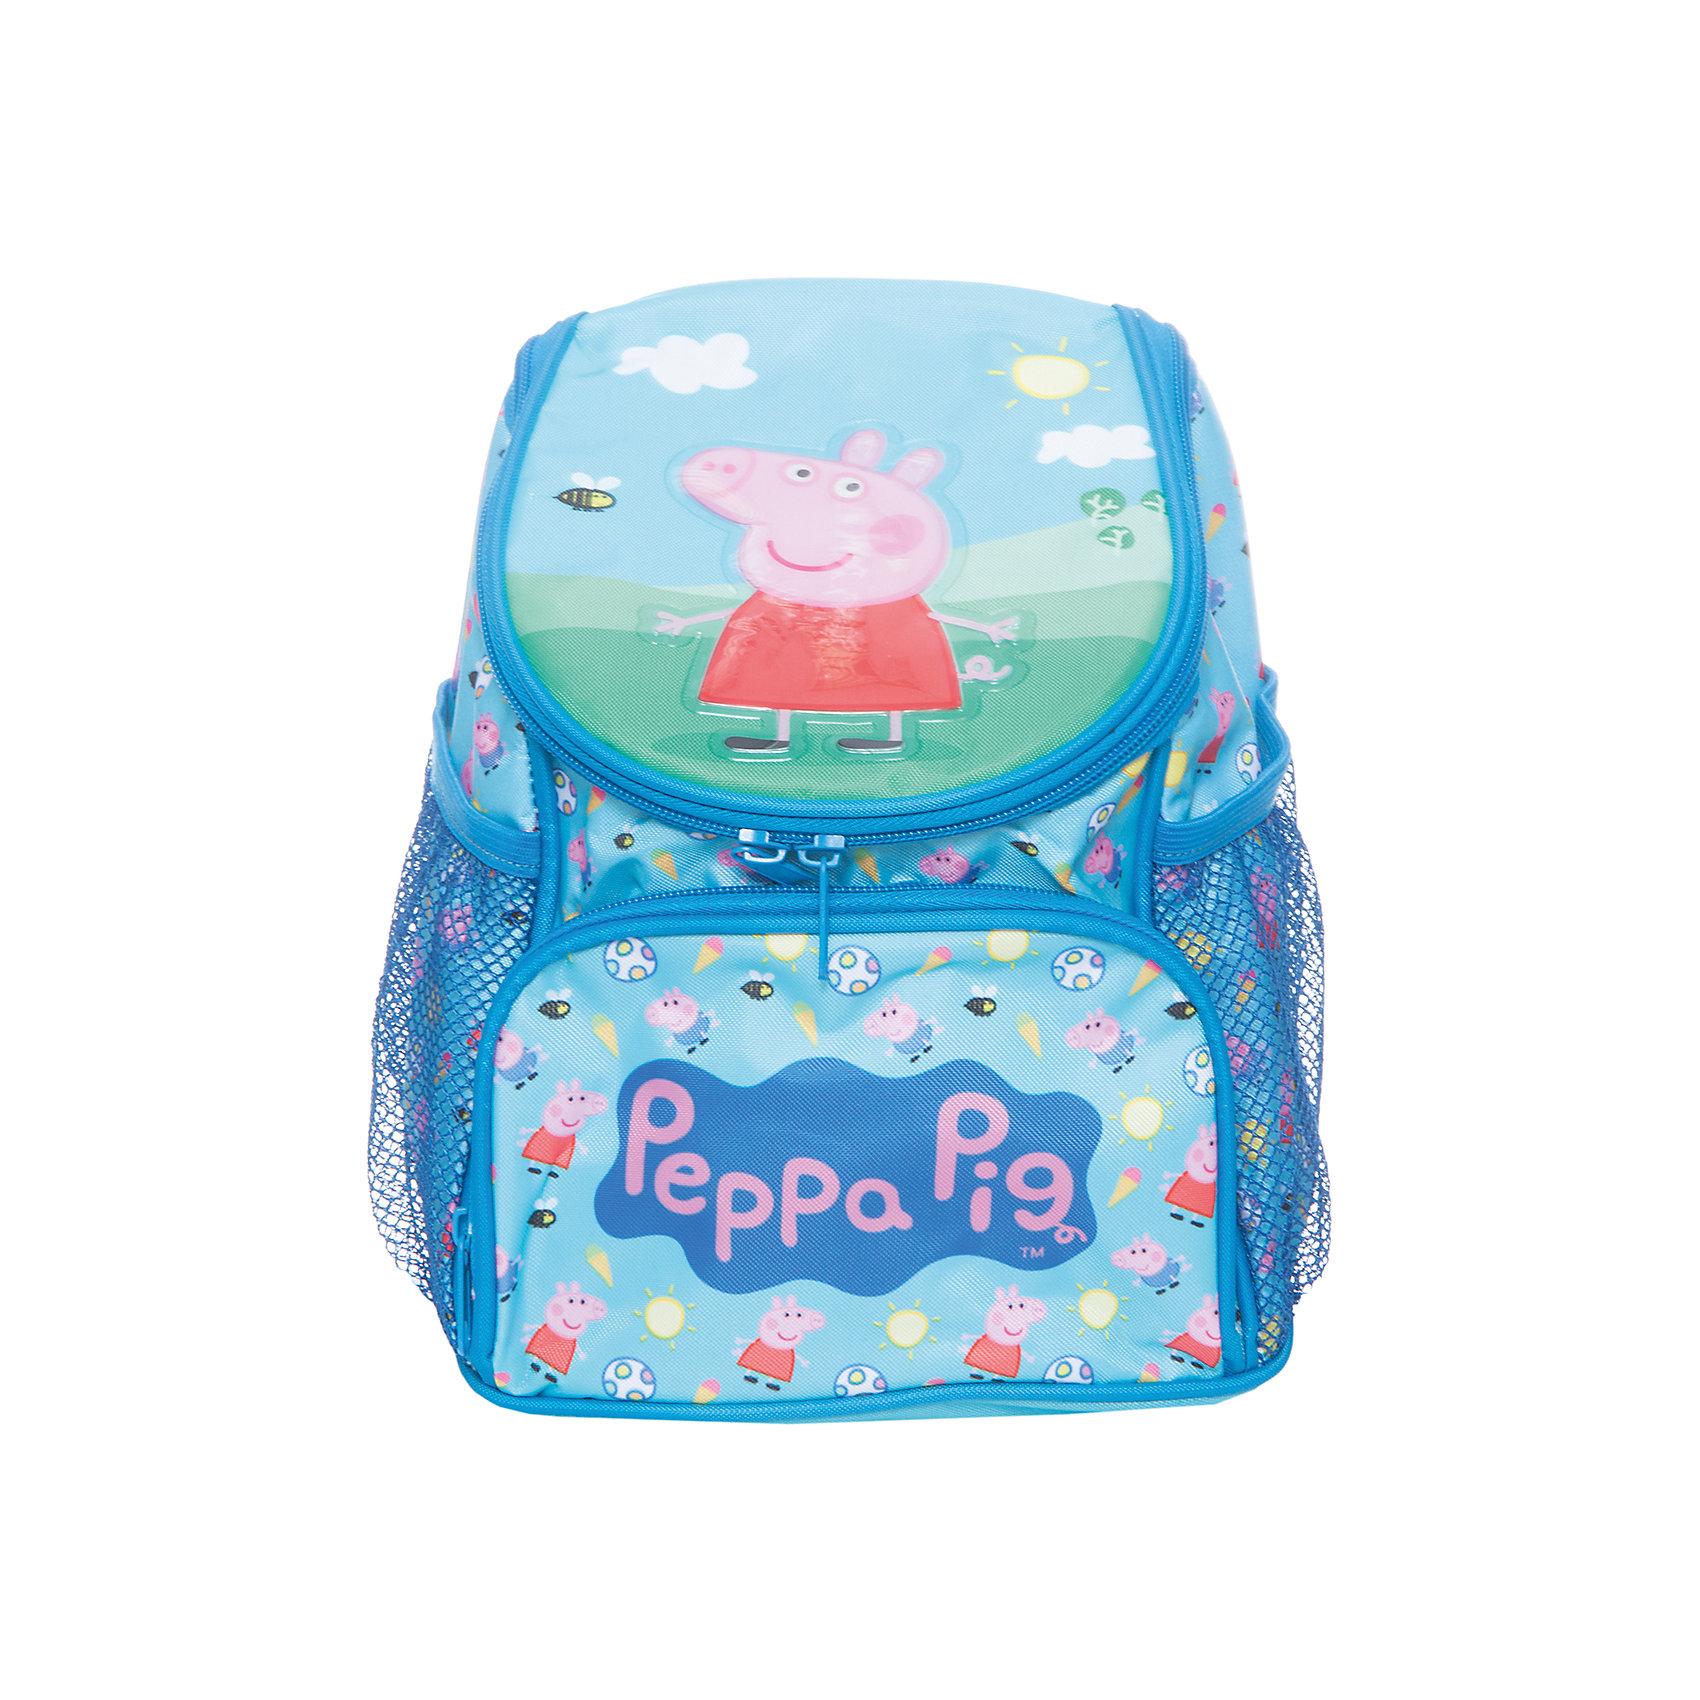 Дошкольный рюкзак Свинка Пеппа (увеличенного объема)Детские рюкзаки<br>Яркий и привлекательный рюкзачок «Свинка Пеппа» станет хорошим помощником вашему малышу. В его внутреннем отделении на молнии поместятся не только игрушки, но и книжки, которые можно взять с собой на прогулку или в гости. Лицевой карман на молнии прекрасно подойдет для карандашей и фломастеров, а два сетчатых боковых кармашка пригодятся для небольших предметов. Благодаря регулируемым лямкам, рюкзак подойдет детям любого роста. Специальная ручка позволяет носить его в руке или размещать на вешалке. Изделие изготовлено из износостойкой, водонепроницаемой ткани, поэтому оно будет служить долгое время, всегда сохраняя положенные в него вещи сухими даже в дождливую погоду. Аксессуар декорирован ярким принтом и блестящей объемной аппликацией PVC. Размер: 25,5х21х14 см.<br><br>Ширина мм: 270<br>Глубина мм: 210<br>Высота мм: 55<br>Вес г: 250<br>Возраст от месяцев: 72<br>Возраст до месяцев: 96<br>Пол: Унисекс<br>Возраст: Детский<br>SKU: 4635154